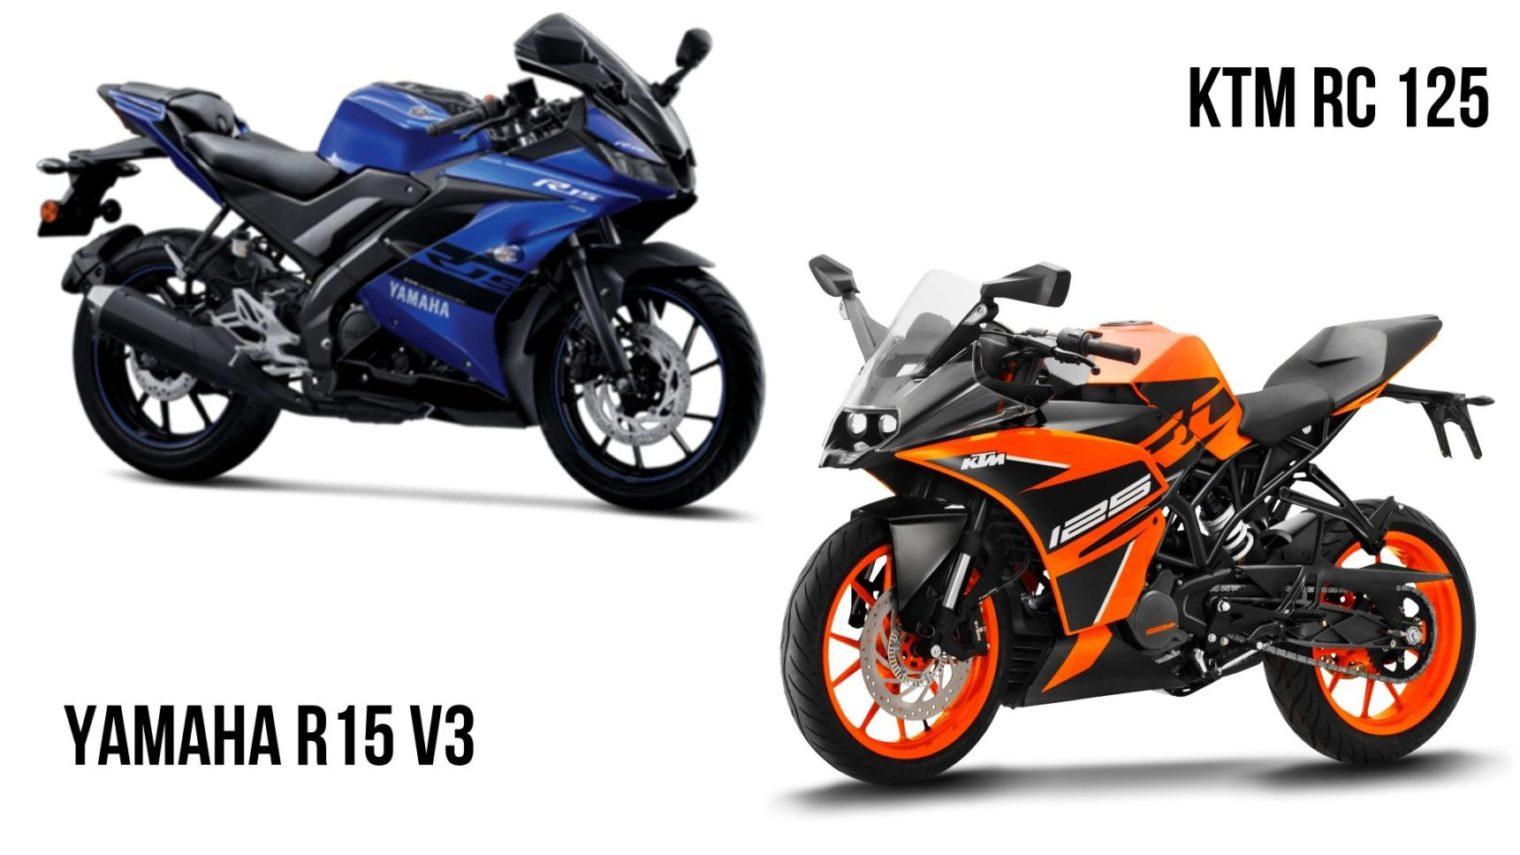 Ktm Rc 125 Vs Yamaha Yzf